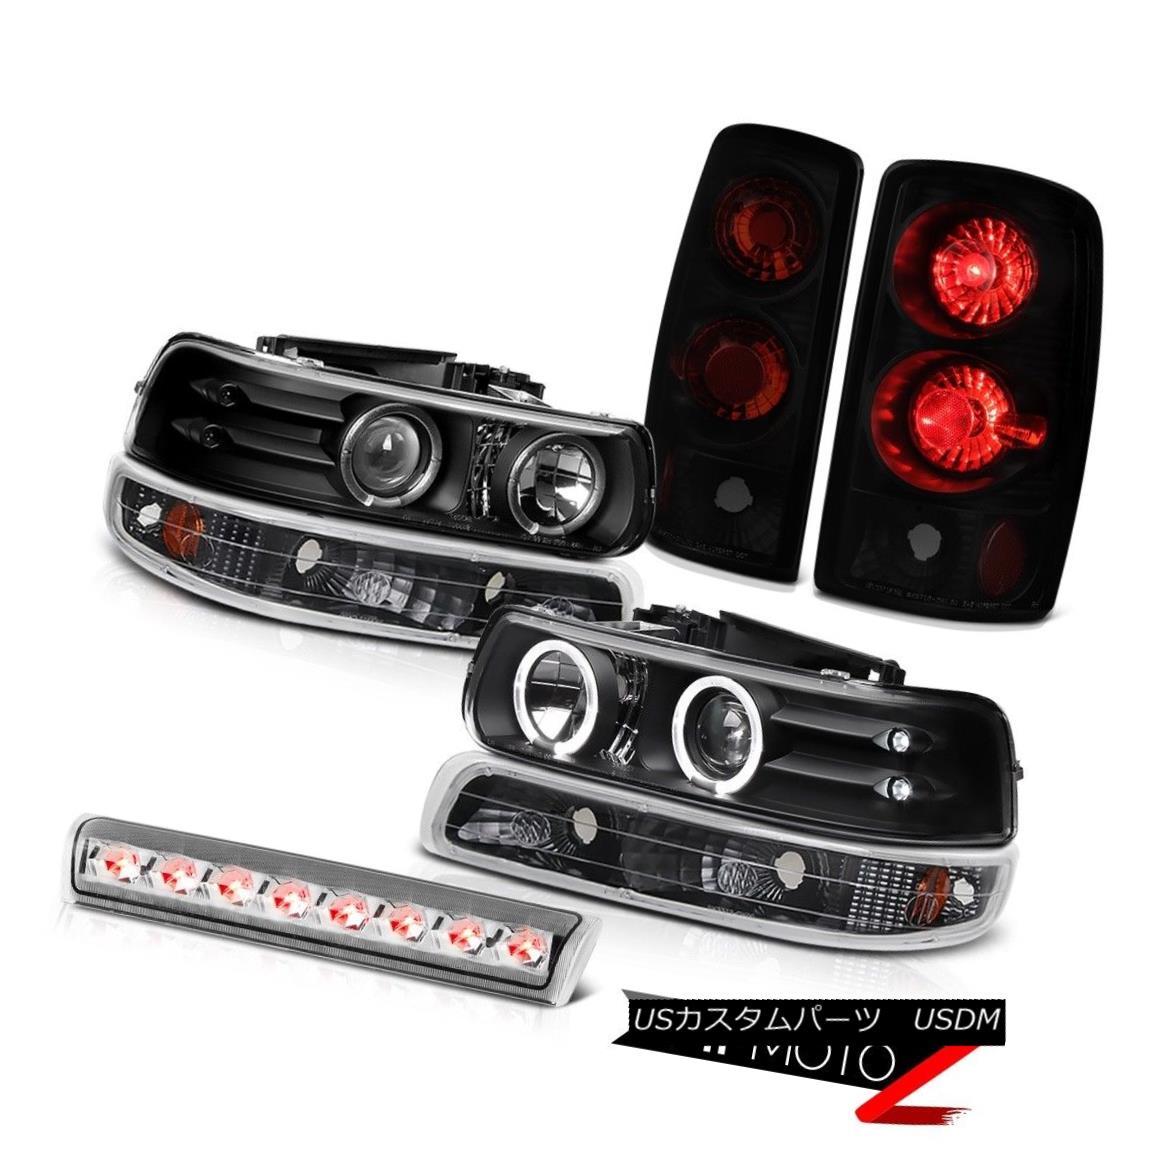 テールライト Black LED Headlamps Matte Parking Brake Tail Lamps High Cargo 00-06 Tahoe Z71 ブラックLEDヘッドランプマットパーキングブレーキテールランプハイカーゴ00-06タホZ71